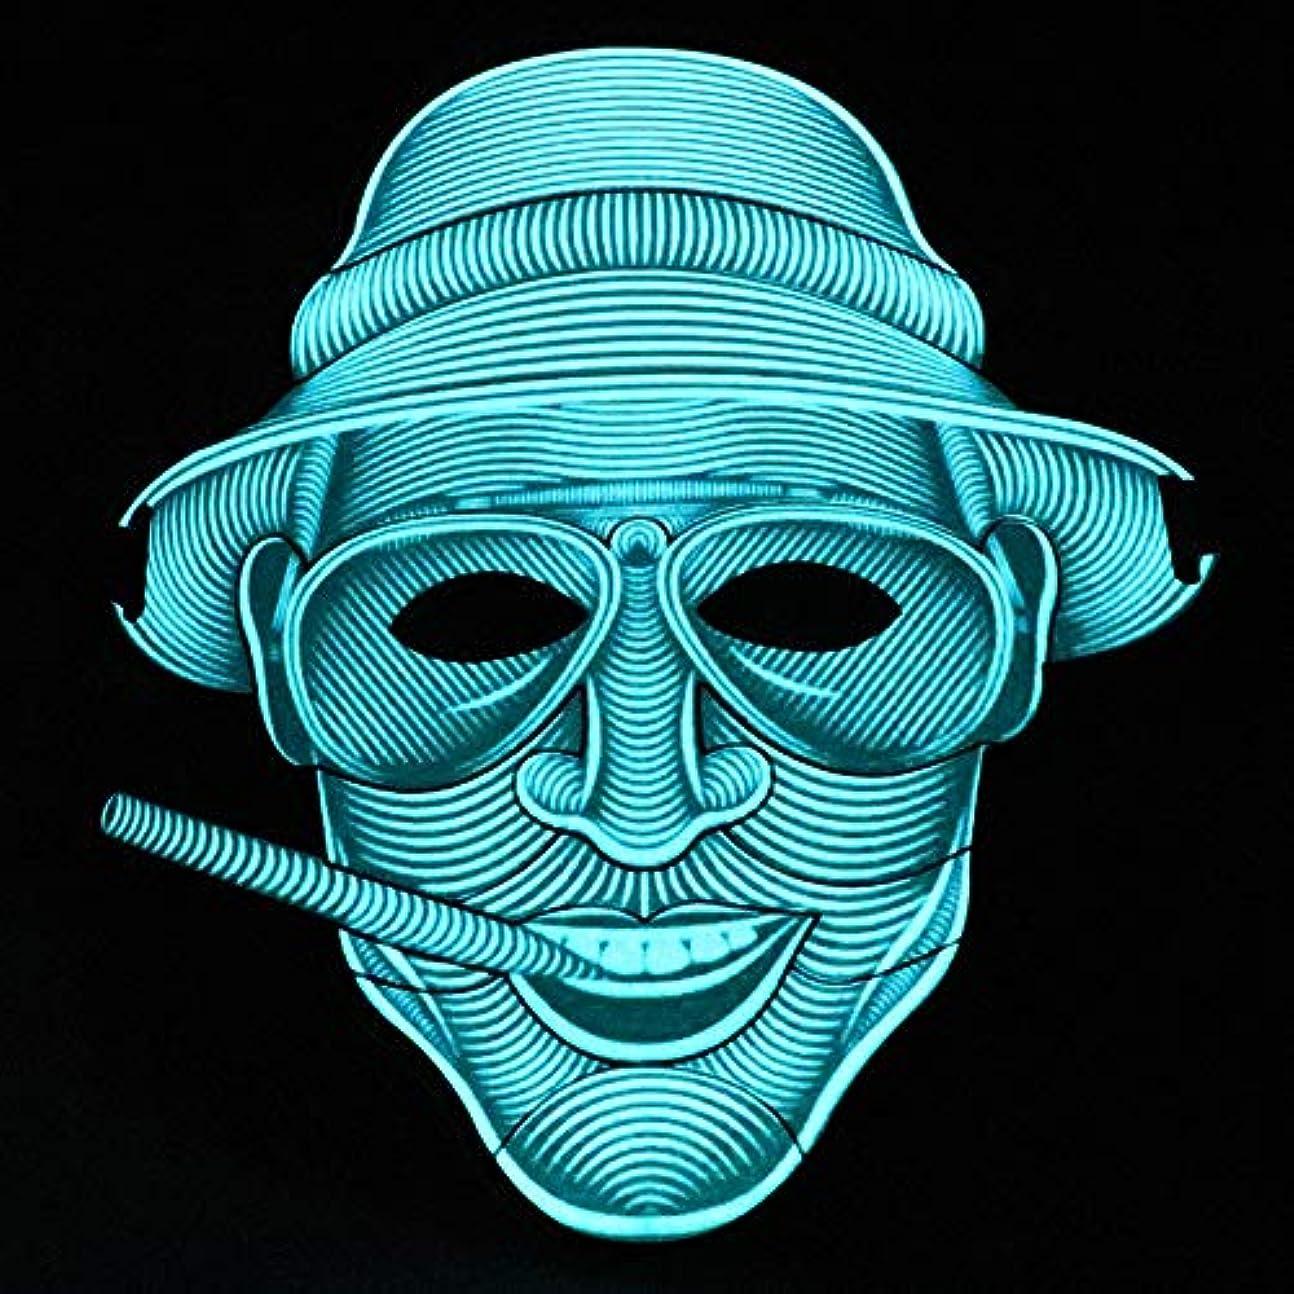 困難債務者薬剤師照らされたマスクLED創造的な冷光音響制御マスクハロウィンバーフェスティバルダンスマスク (Color : #12)